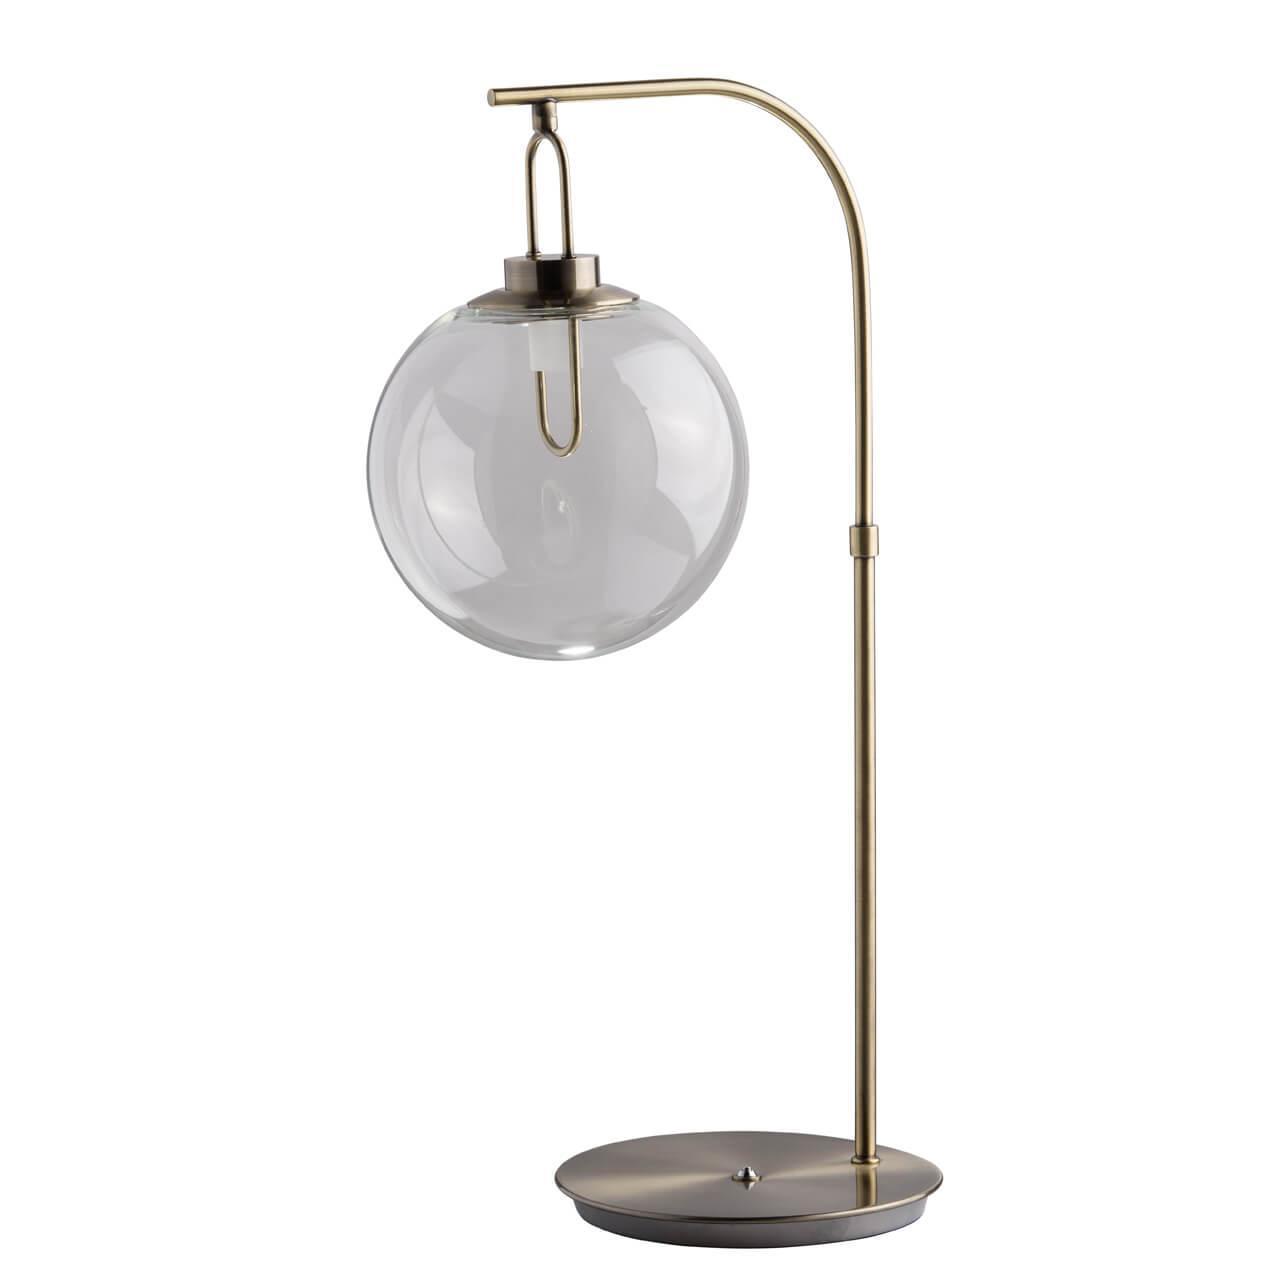 Настольная лампа De Markt Крайс 5 657031801 настольная лампа de markt крайс 657030301